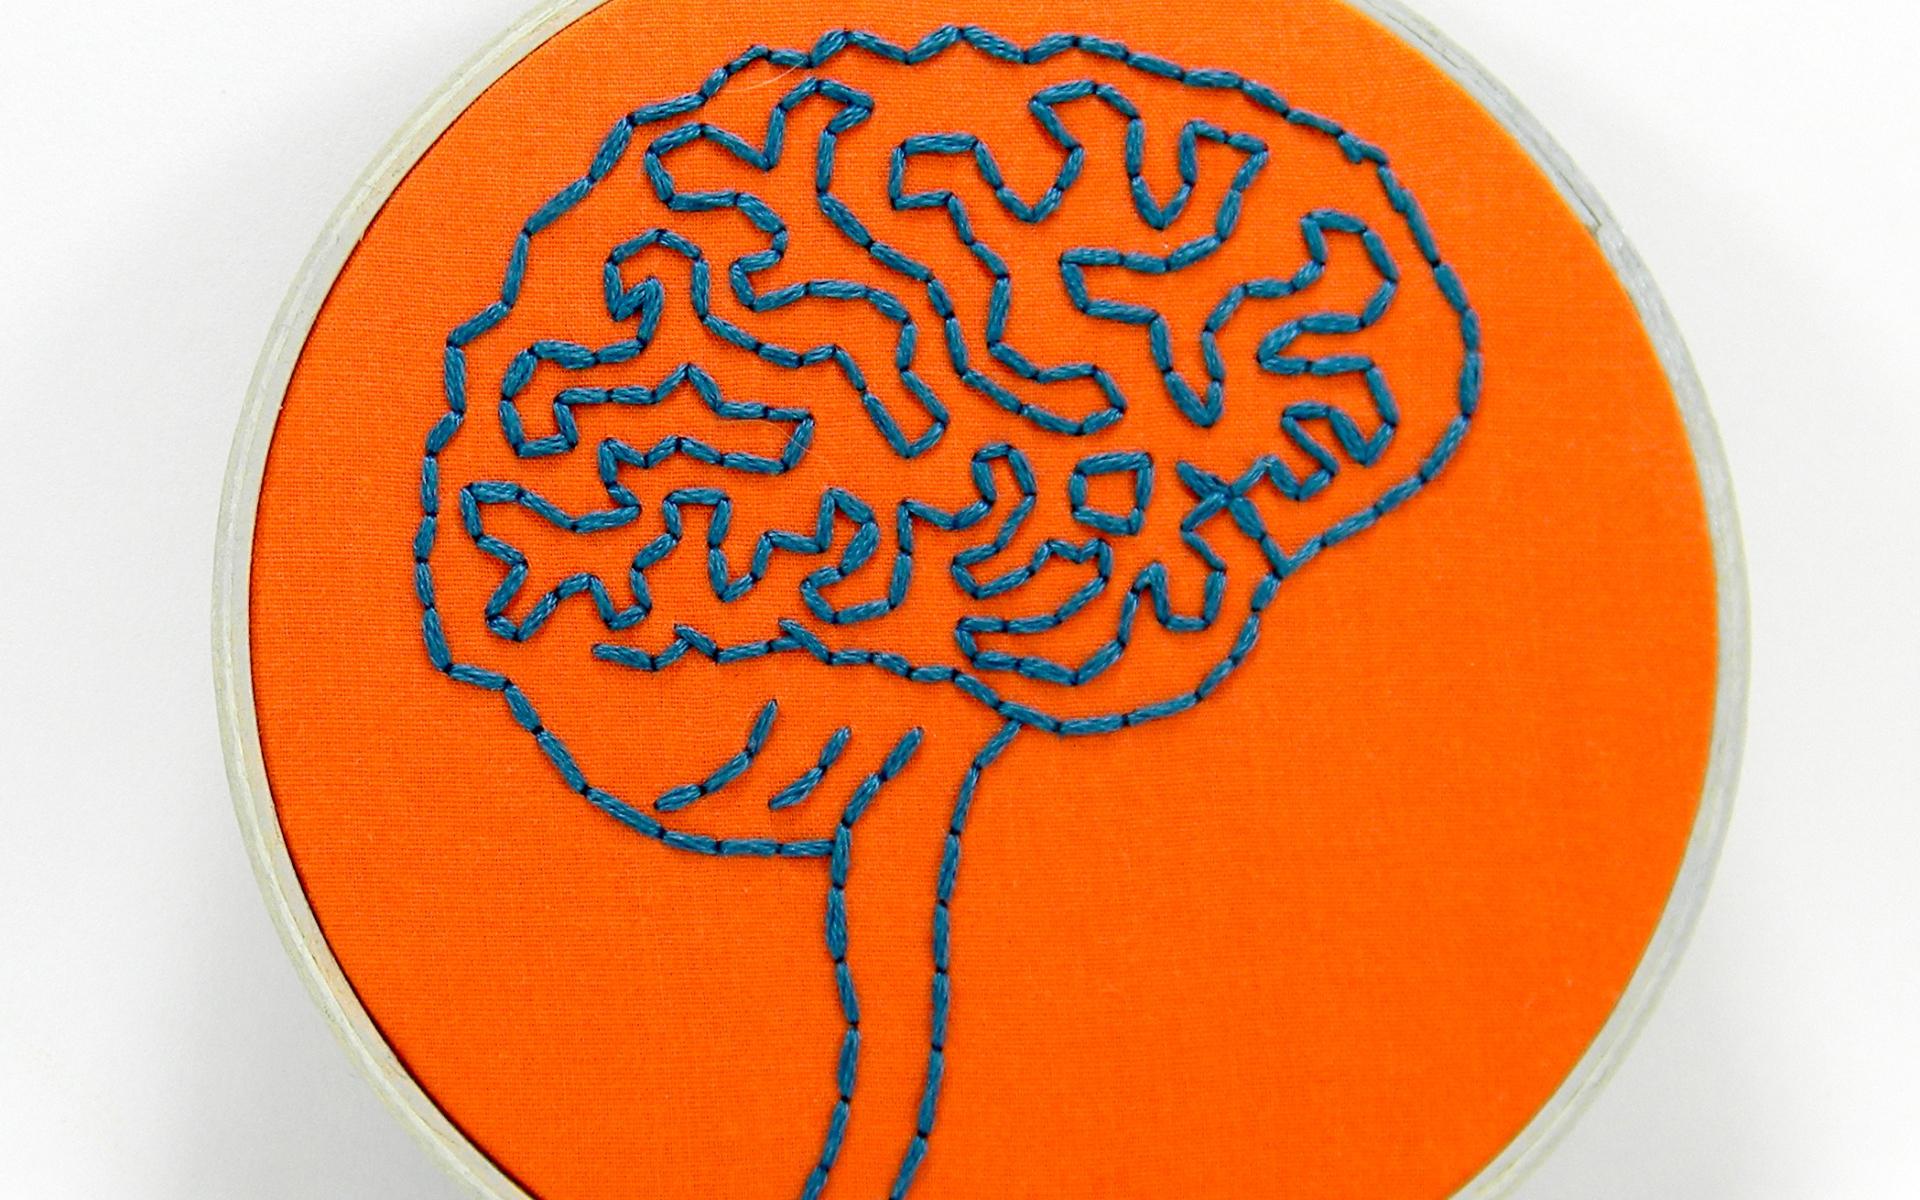 Des cellules du cerveau de cochons morts ont bien été réactivées : peut-on parler de conscience ?